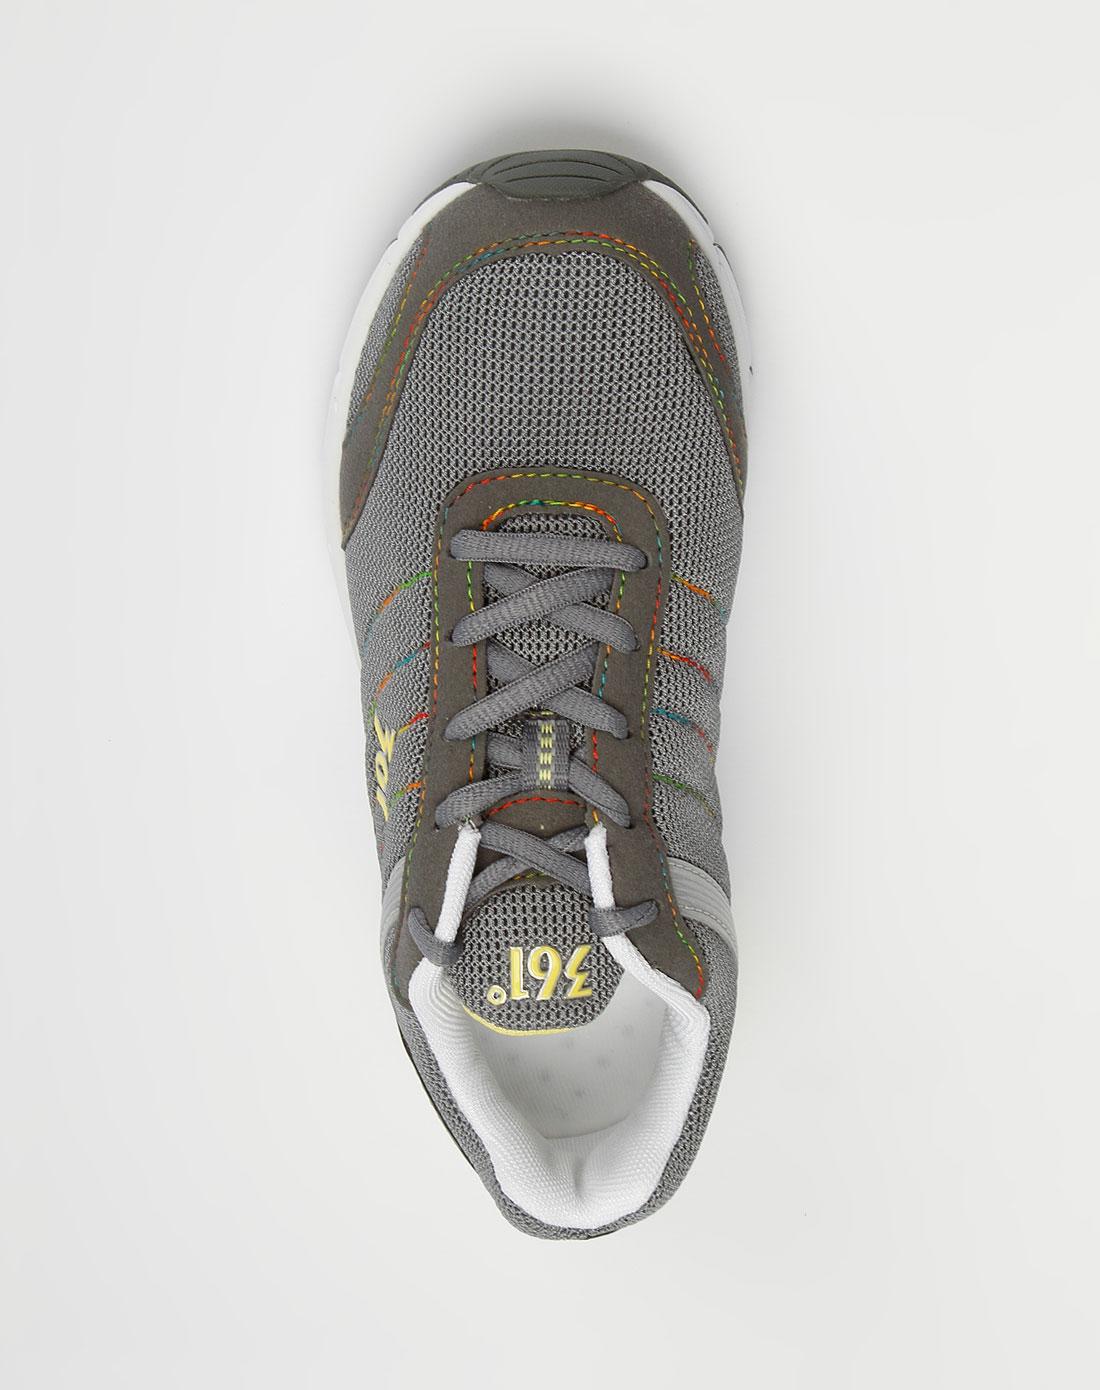 361° 女款深灰炫彩拉线网面绑绳运动鞋